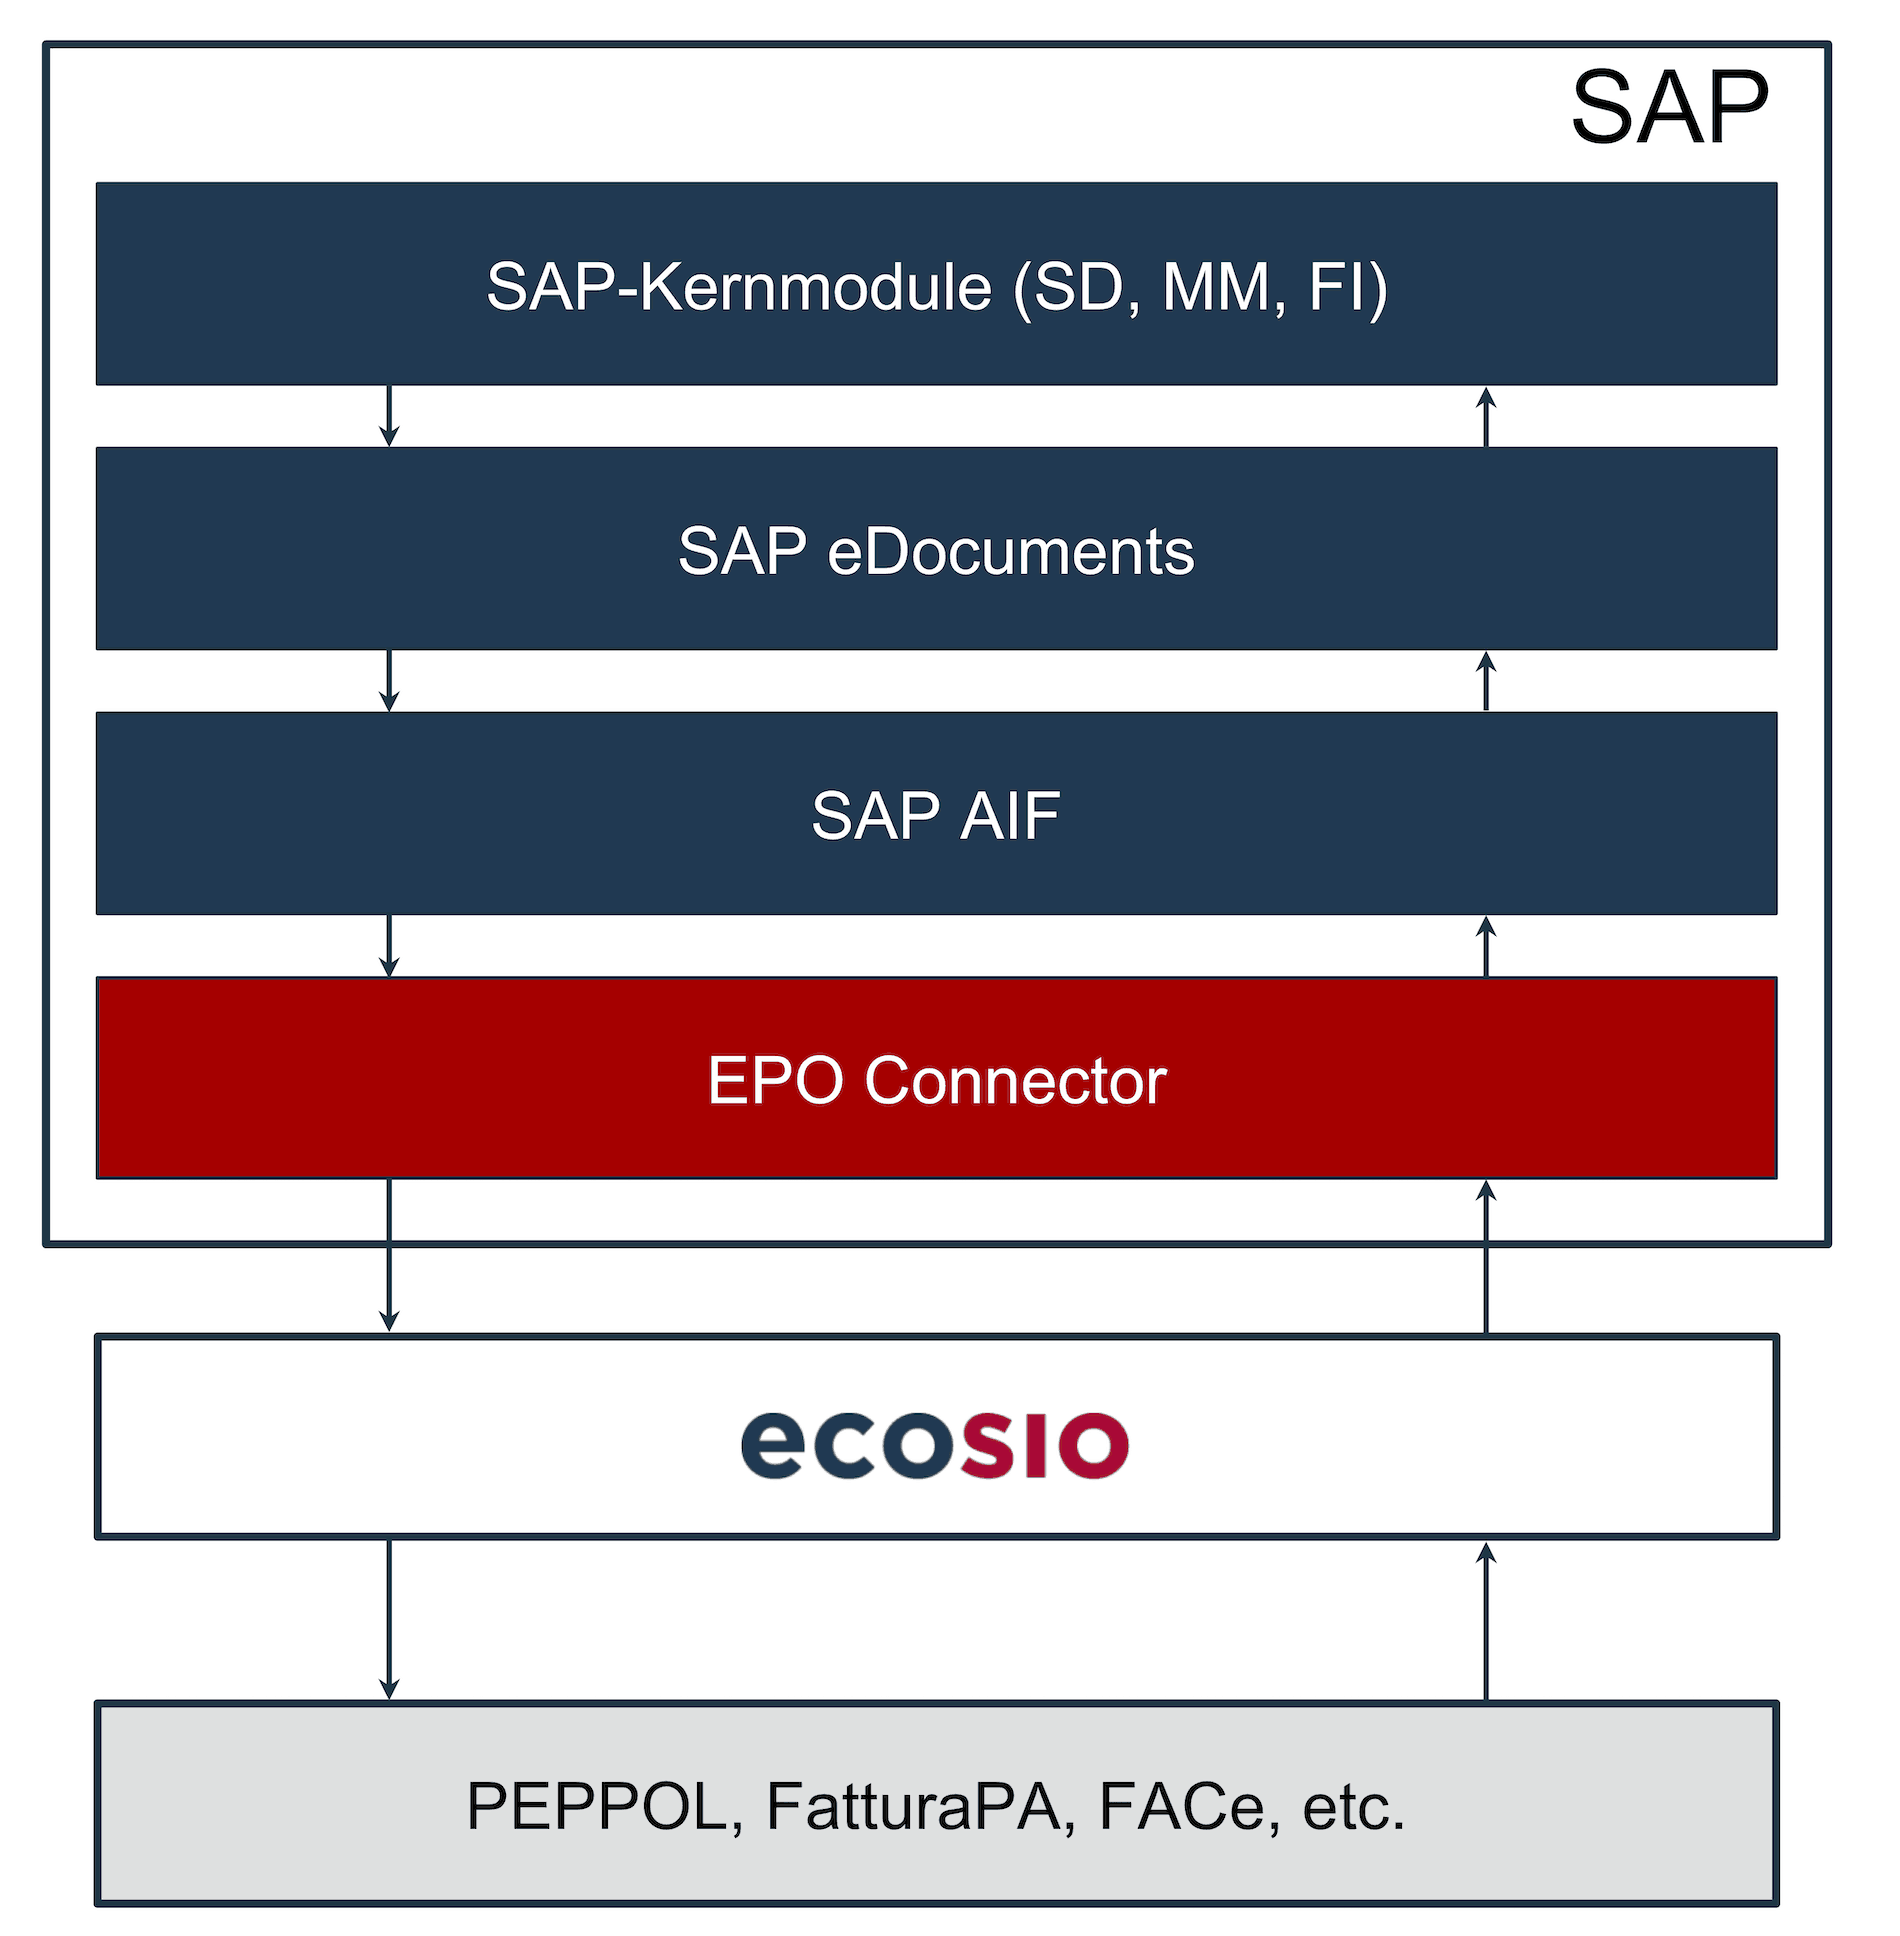 Konvertierung einer e-Rechnung mittels AIF und Versand über einen Dienstleister. Austausch von elektronischen Rechnungen mit dem SAP eDocument Framework